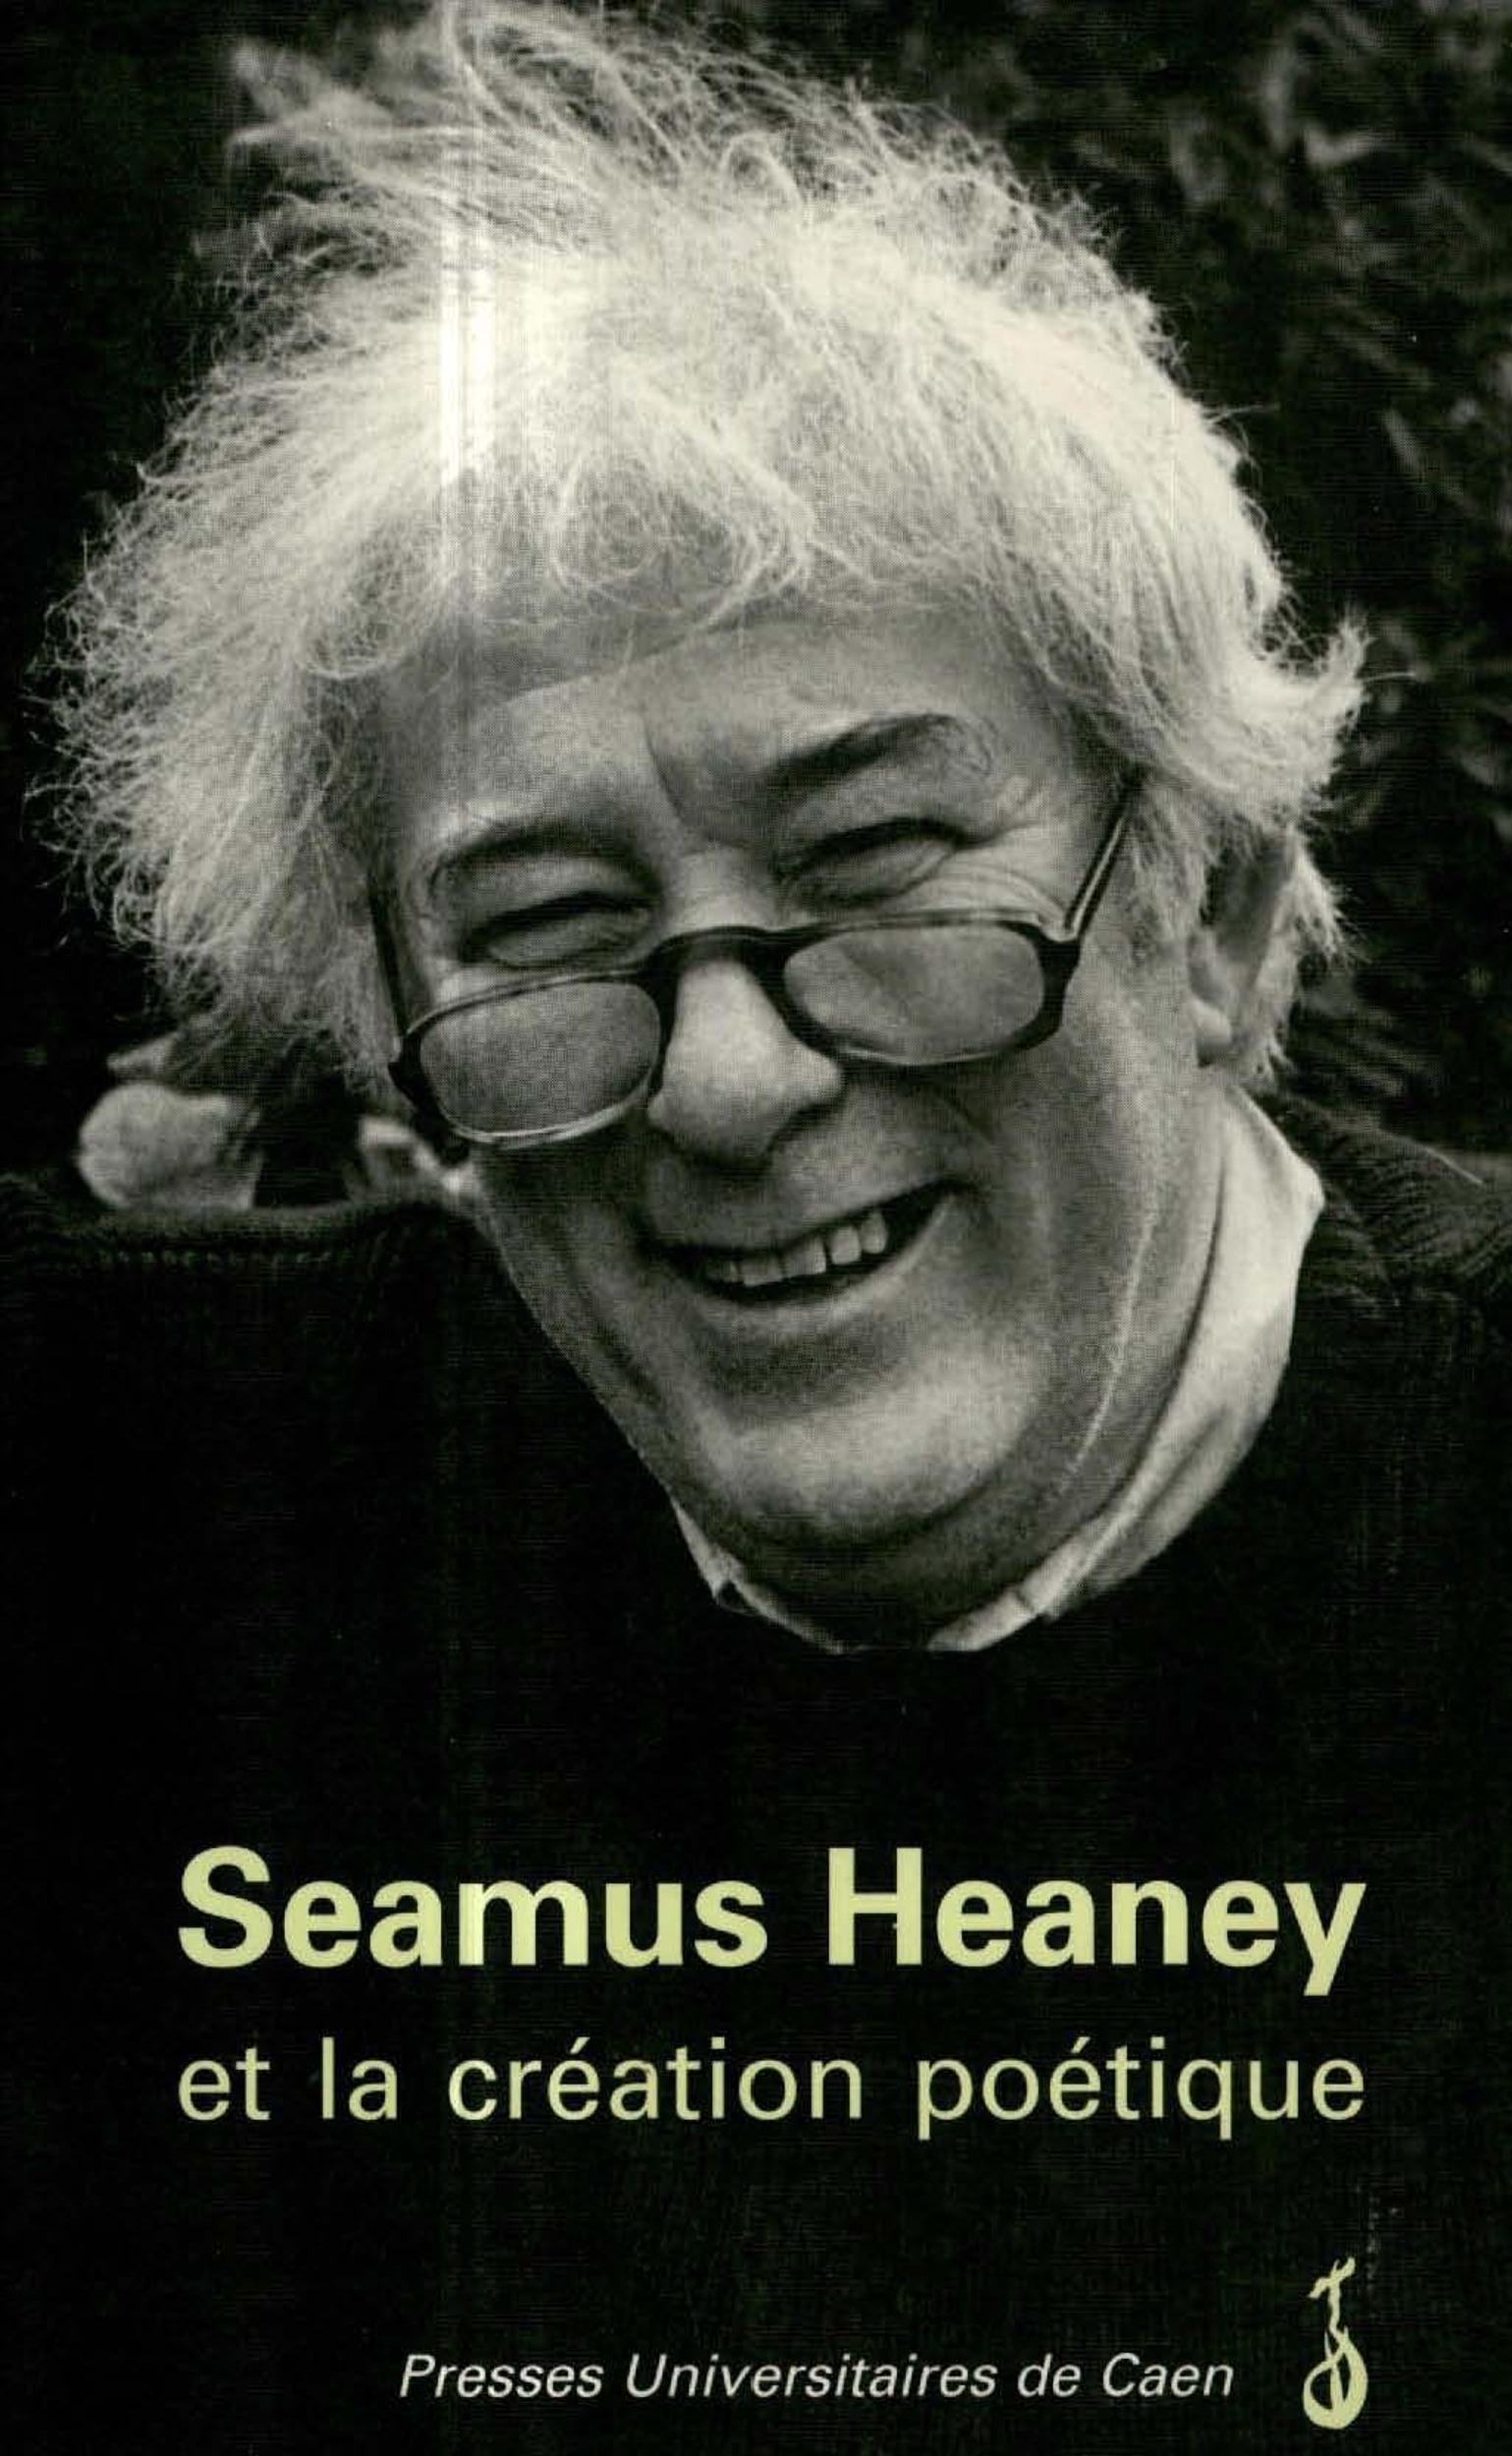 Seamus heaney et la creation poetique